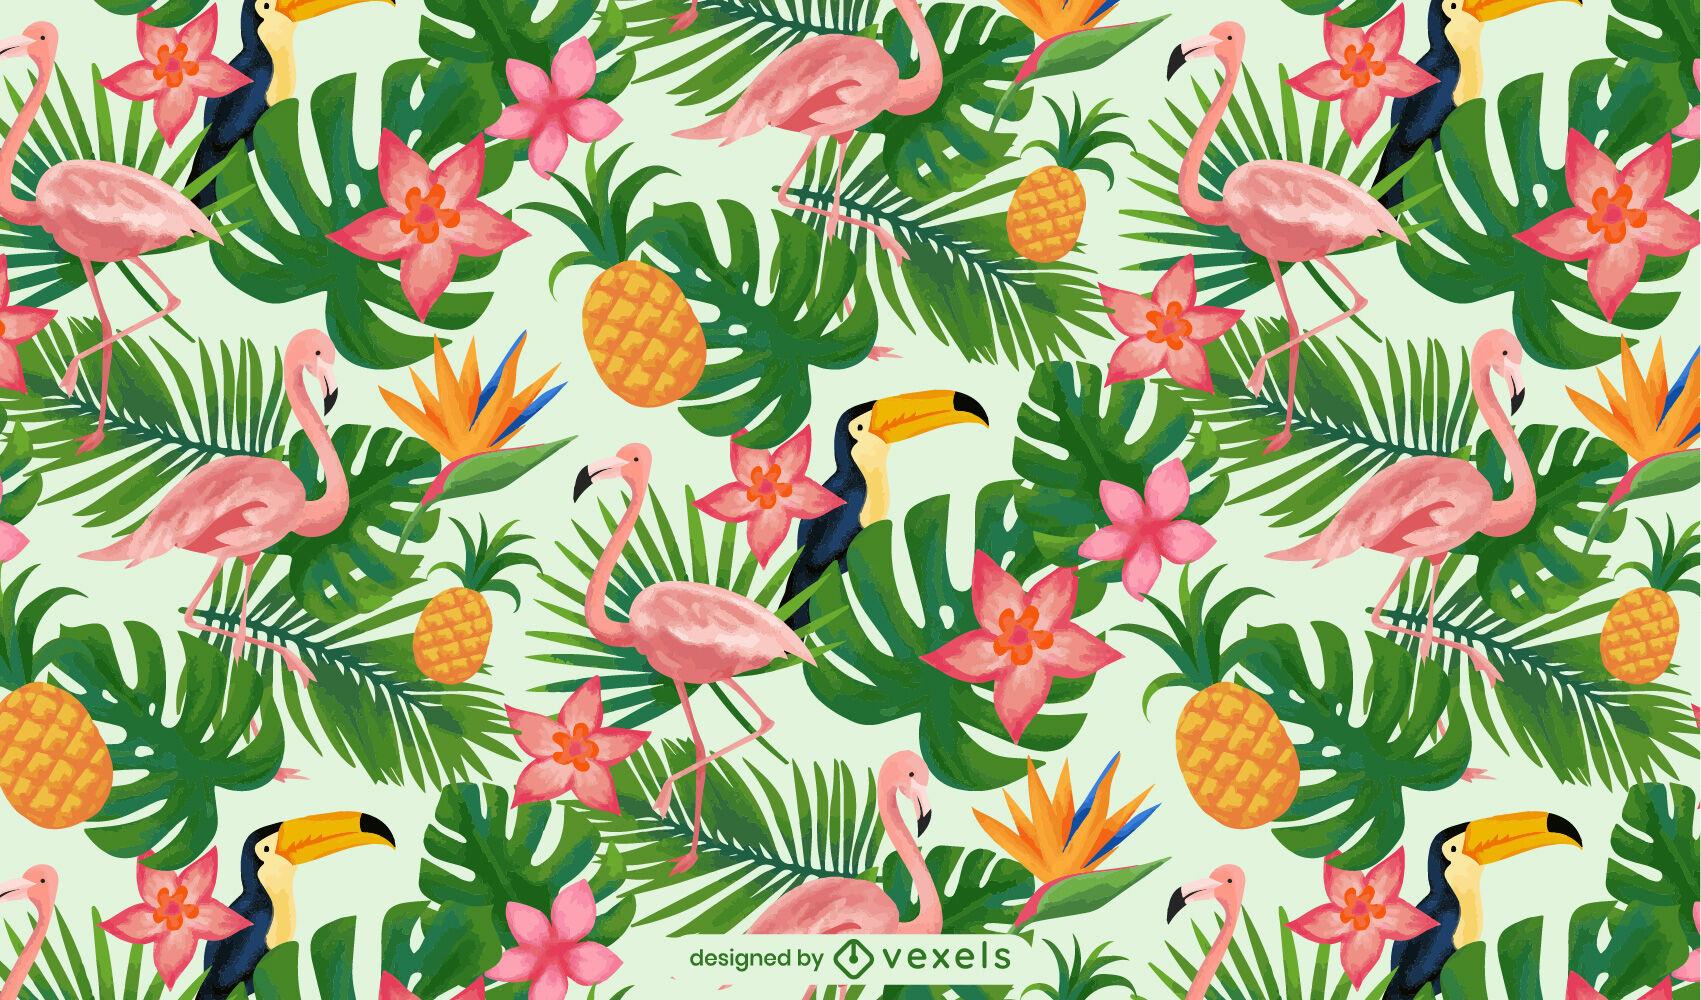 Padrão de aquarela tropical com palmeiras e pássaros